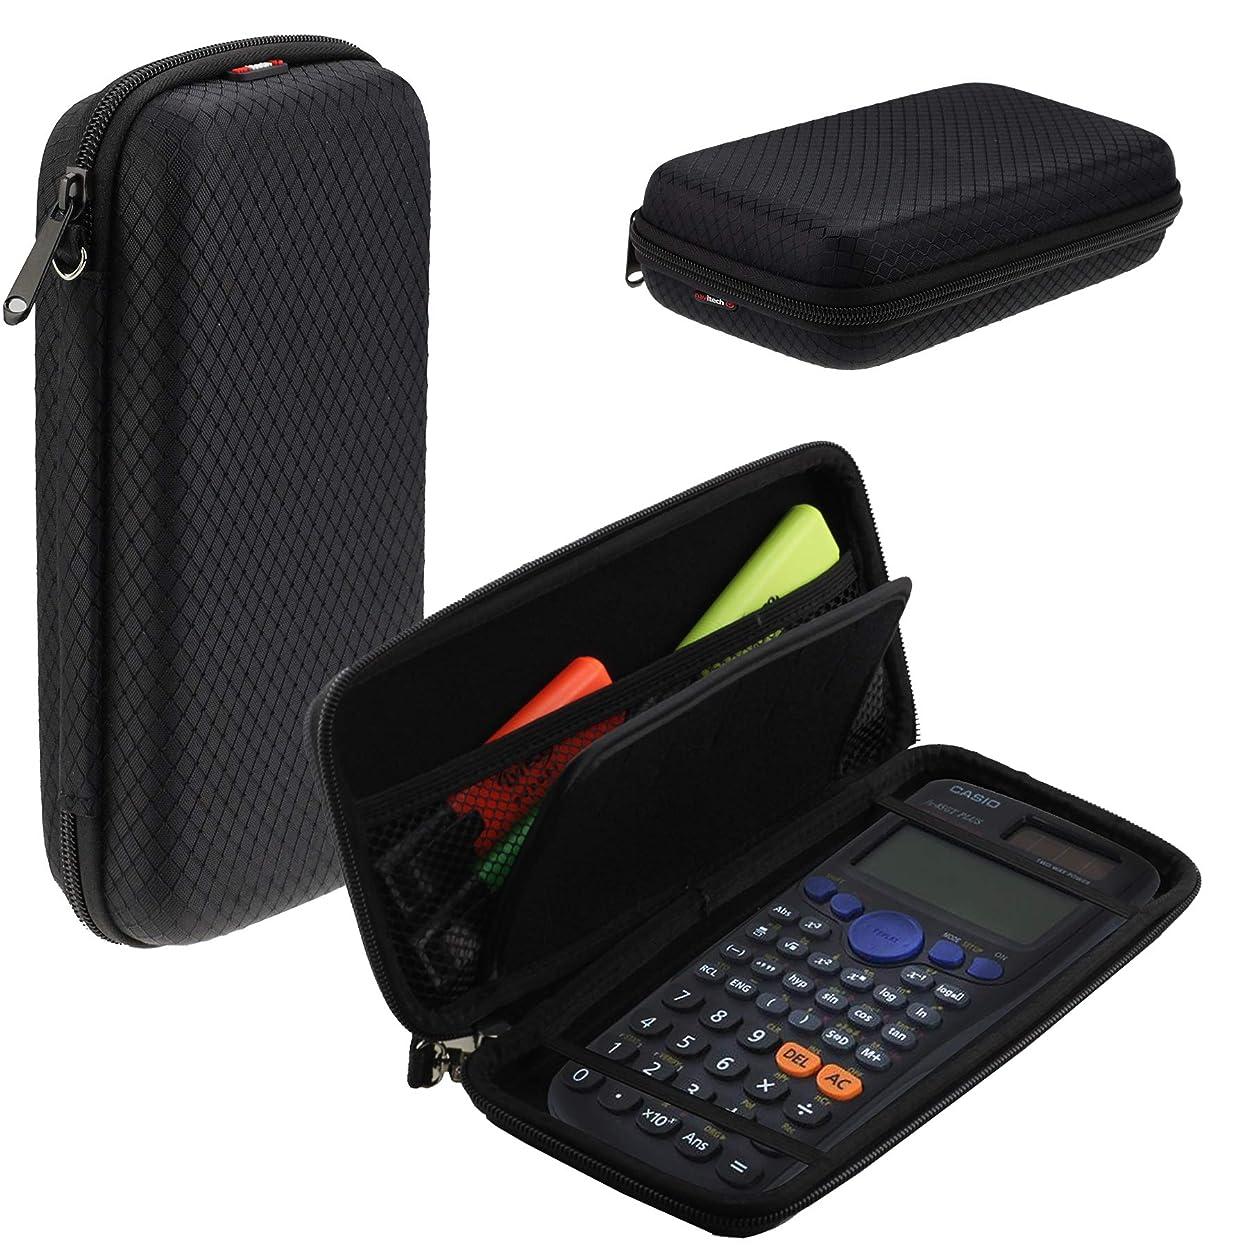 開業医信条左Navitech ブラック グラフィックス 電卓 ハードケース/カバー 収納ポーチ付き カシオFX-9750G11に対応